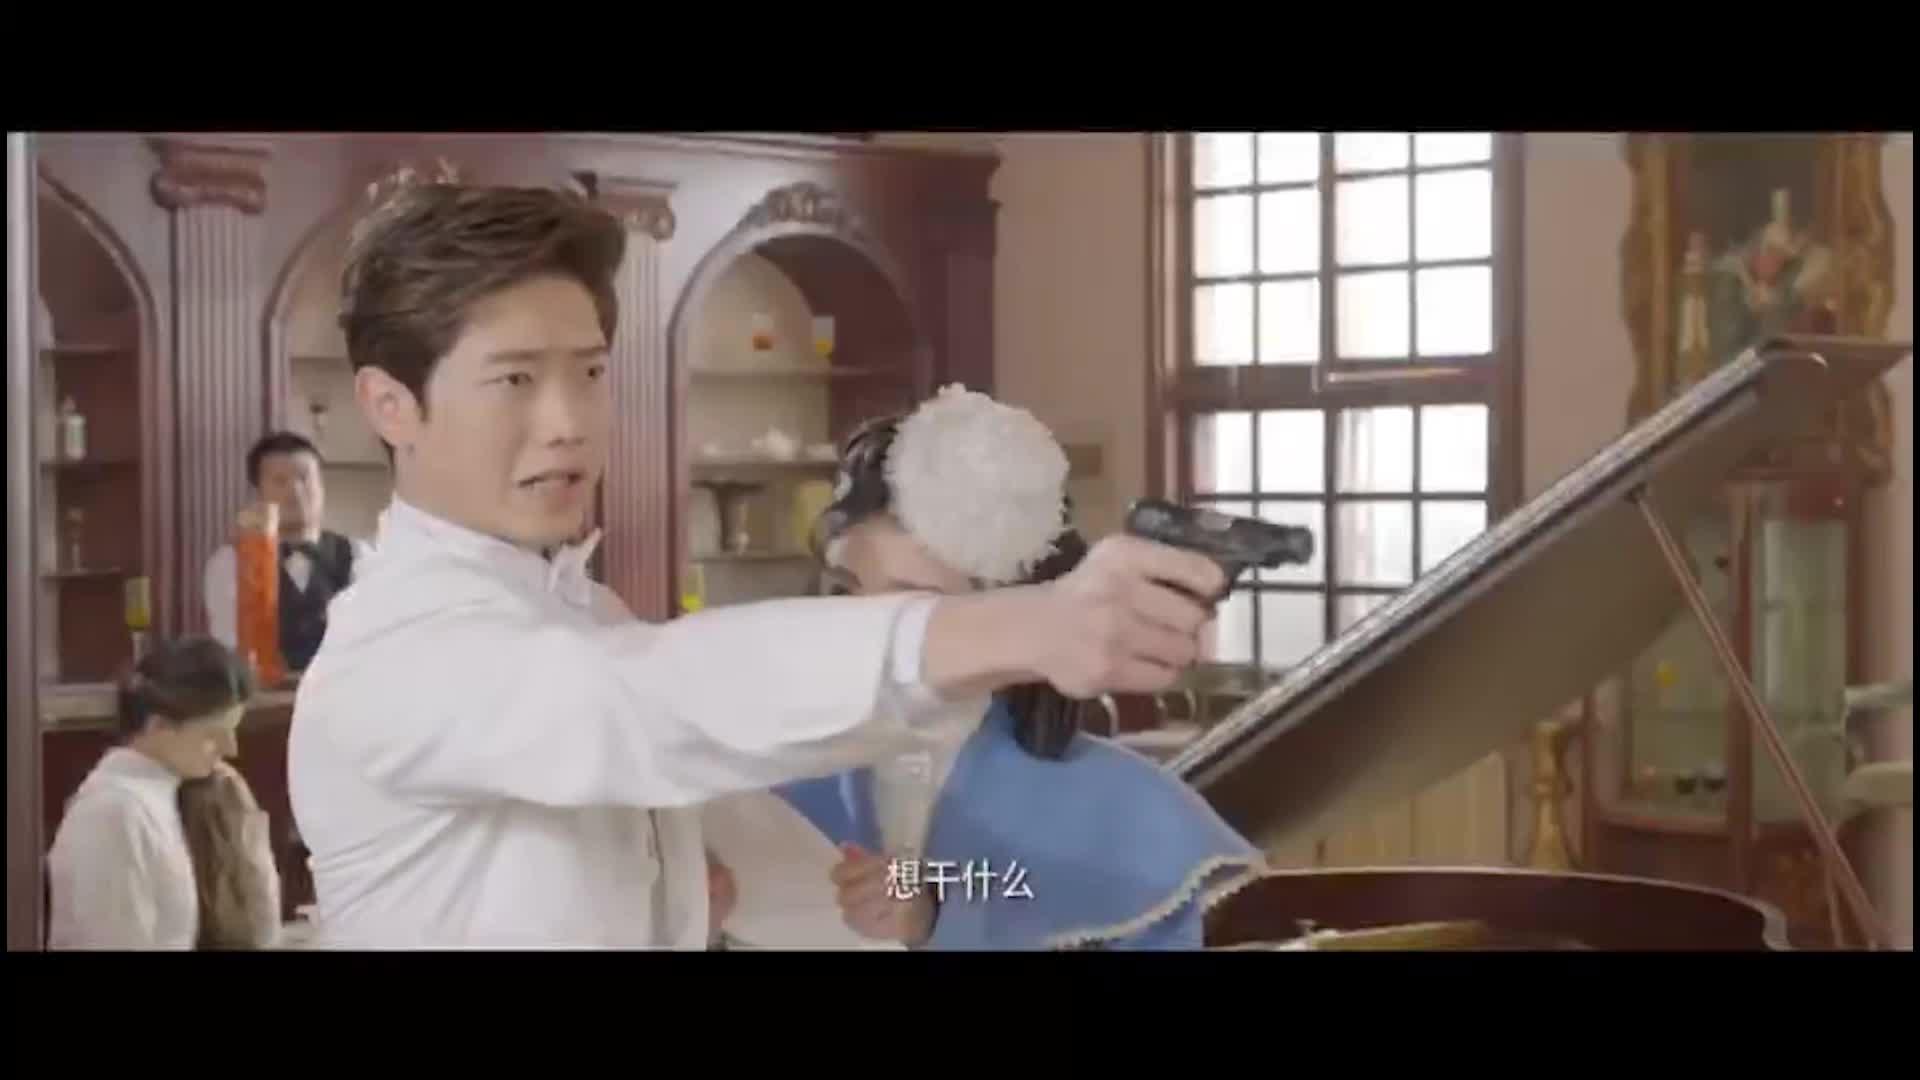 《金编钟传奇》预告片